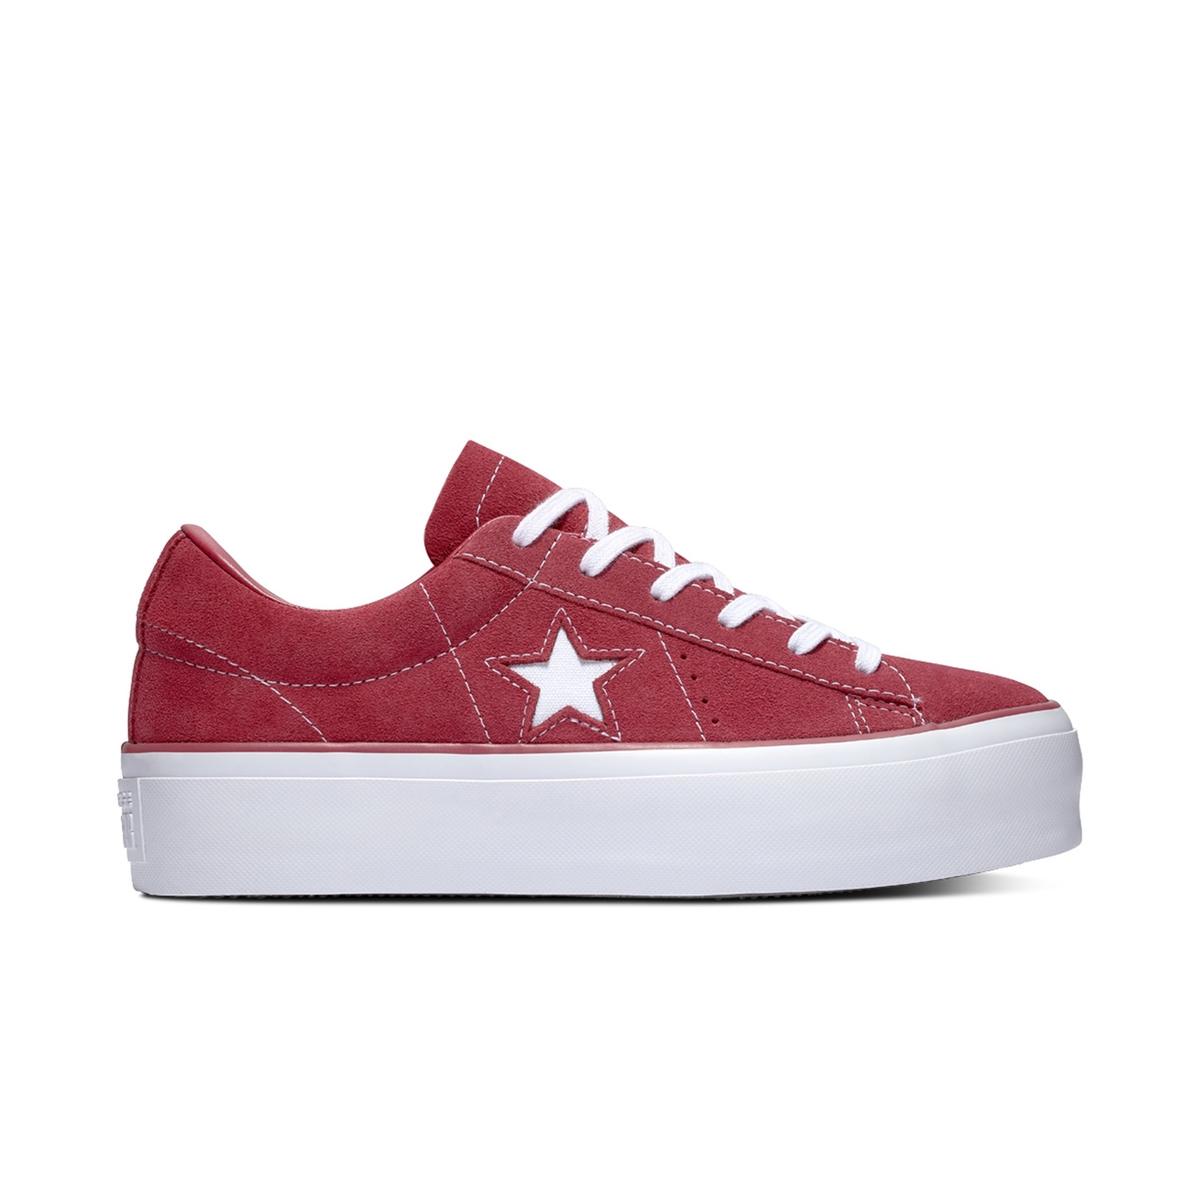 Zapatillas de piel aterciopelada One Star Platform